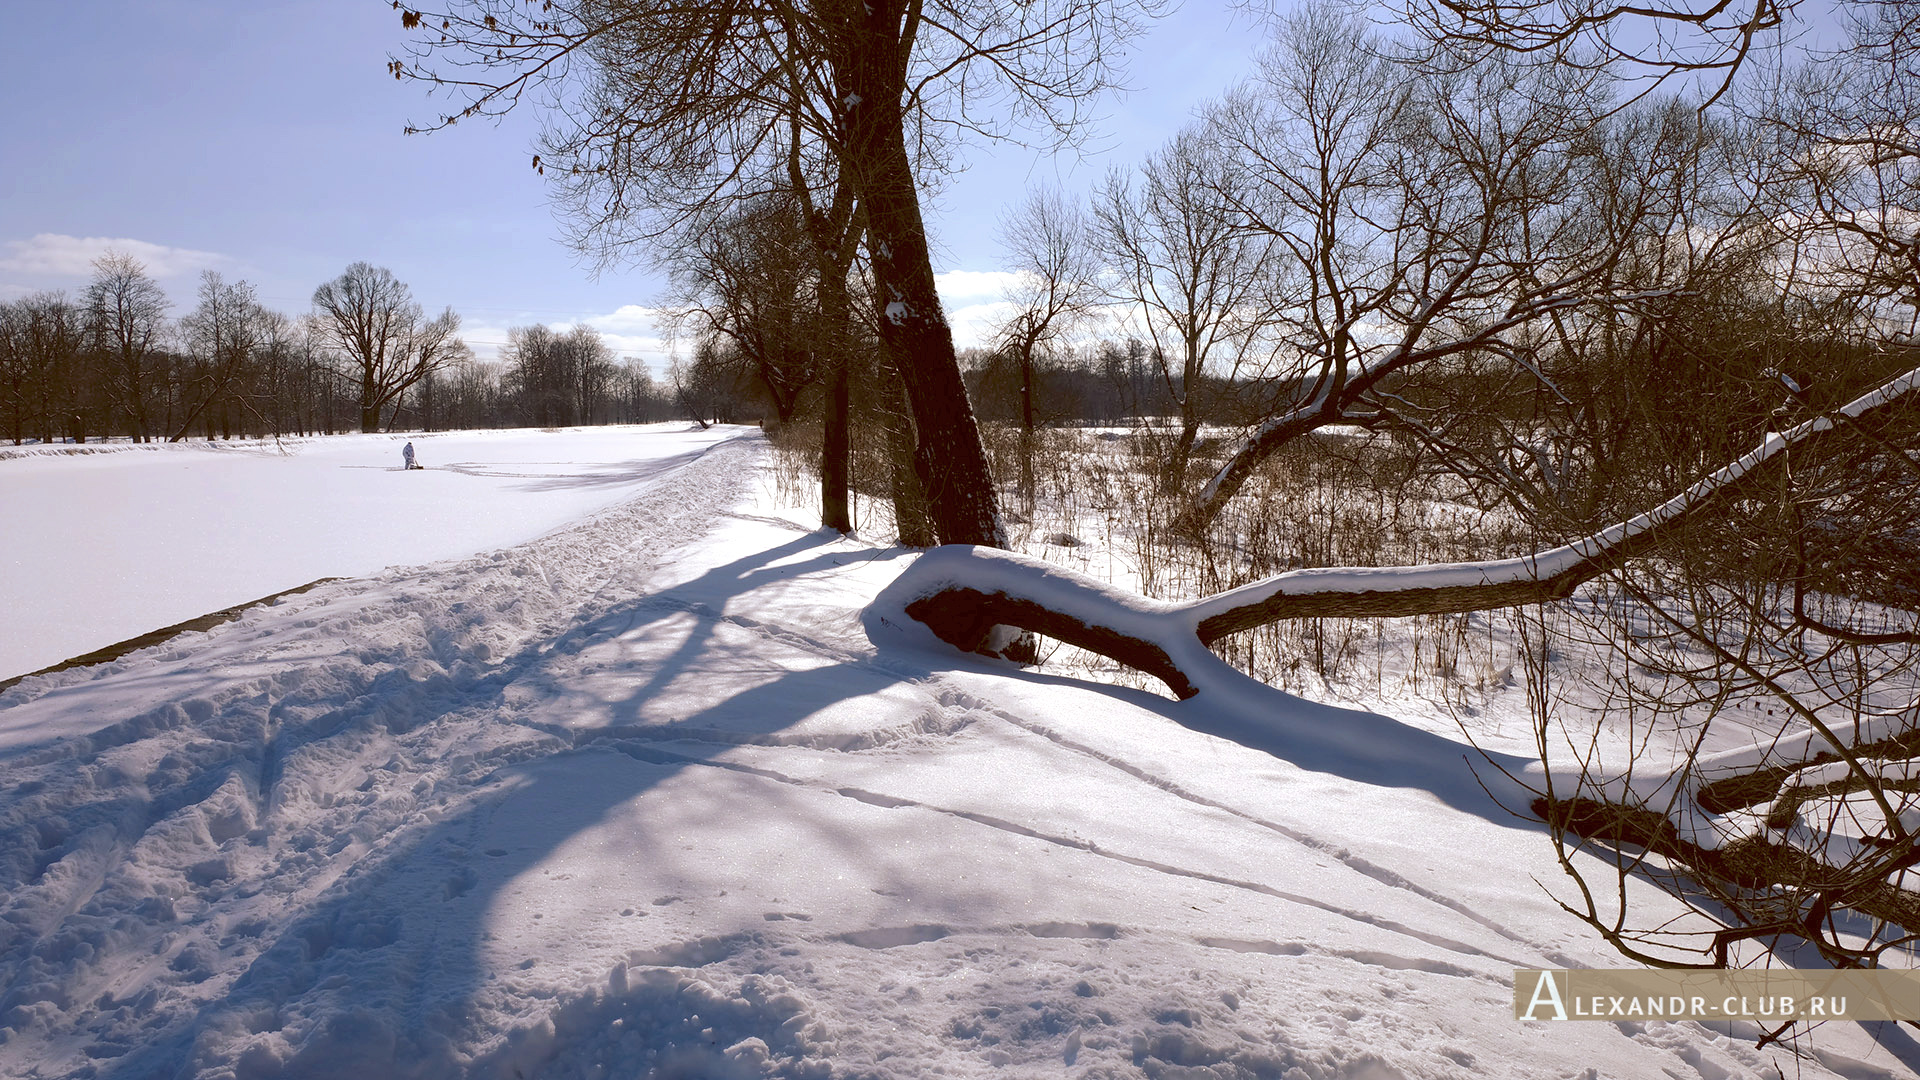 Петергоф, Луговой парк, зима, Старопетергофский канал